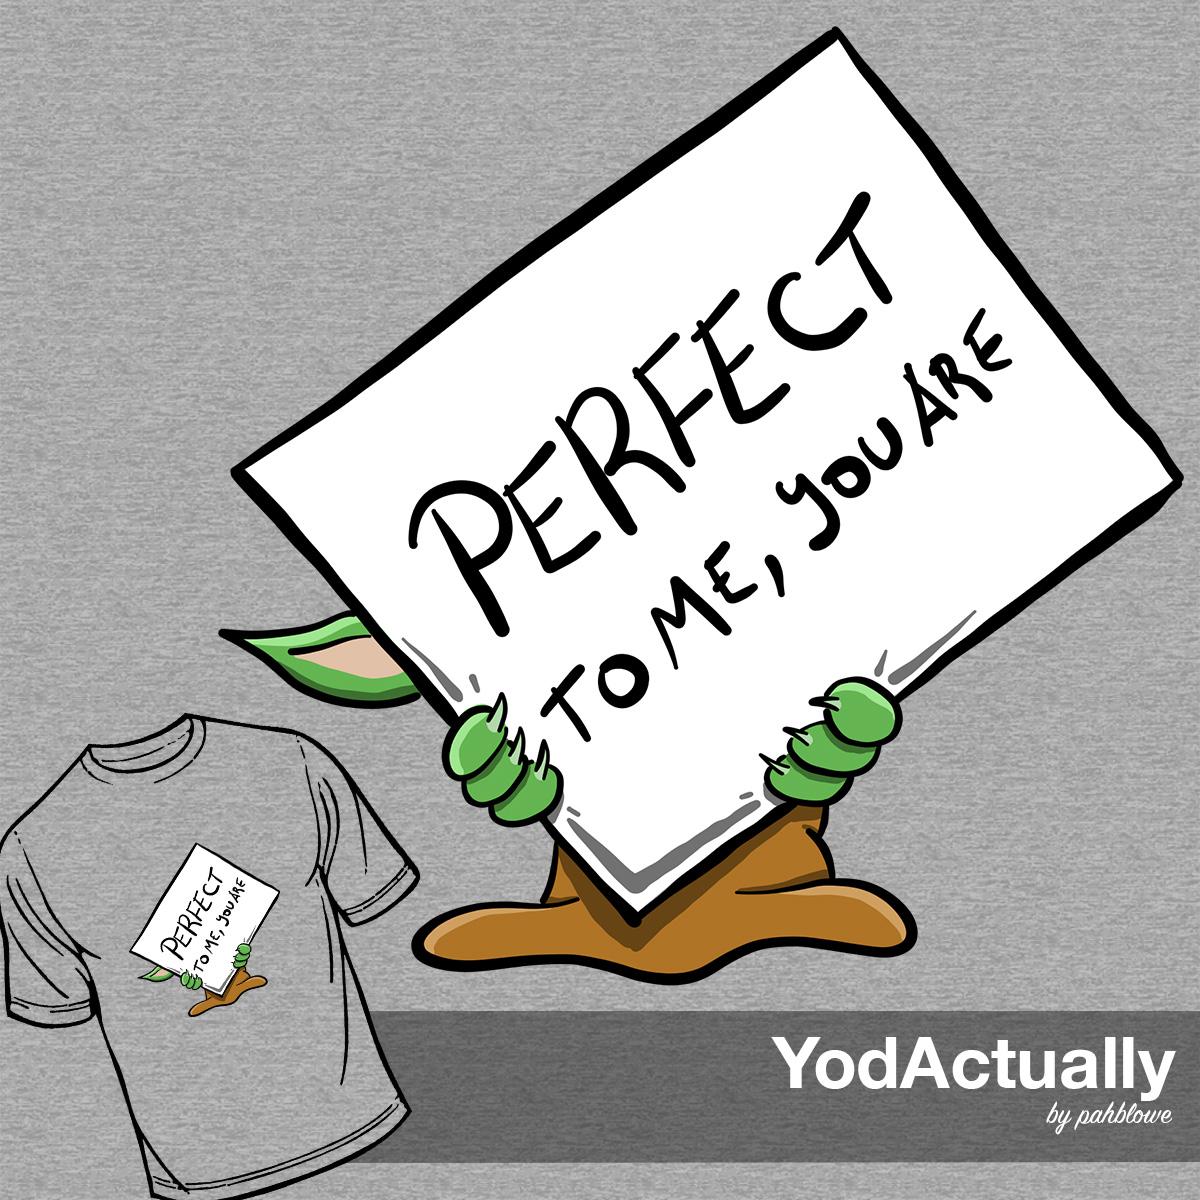 YodActually